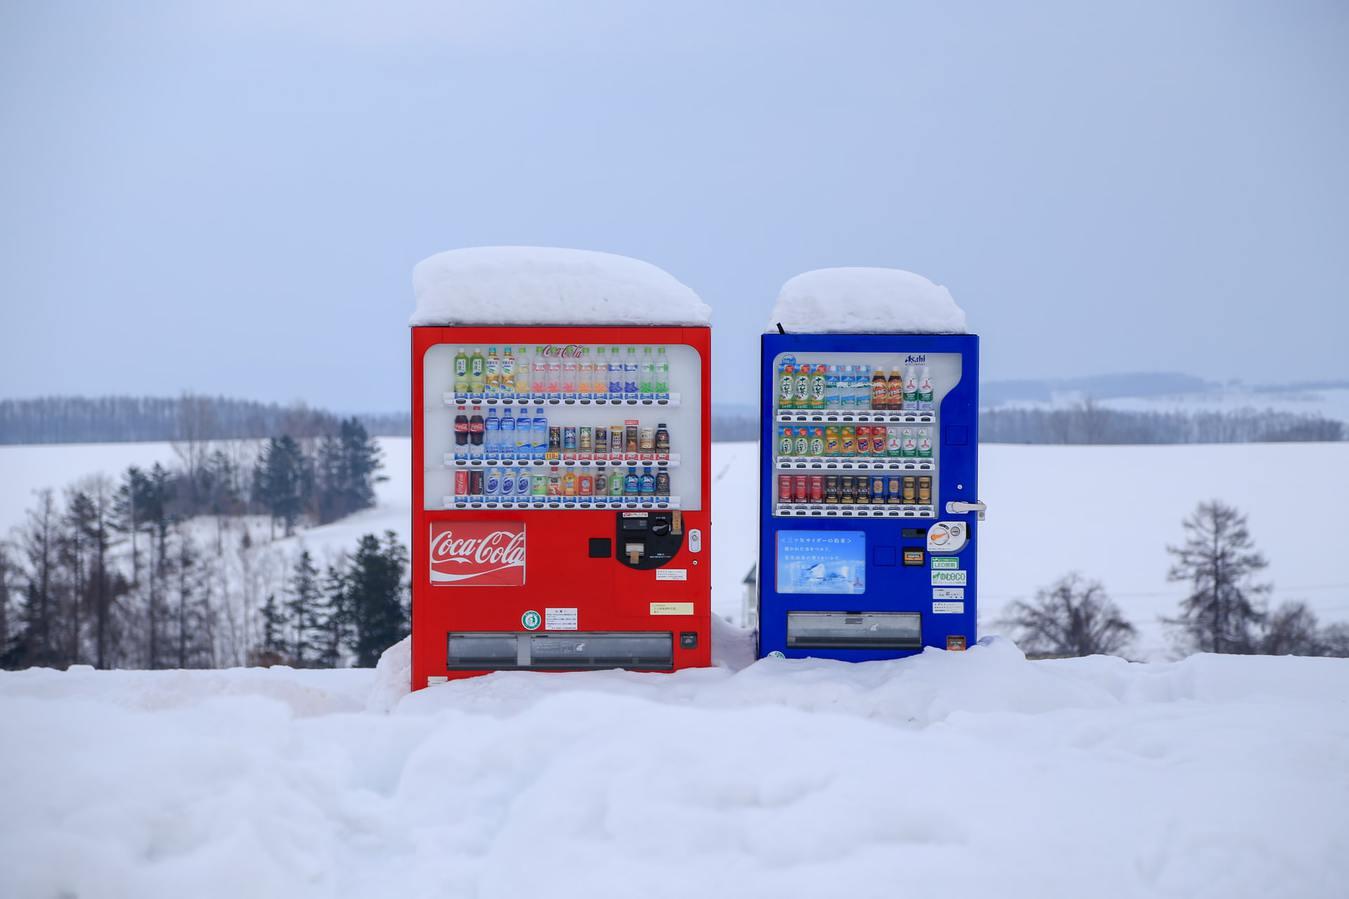 Máquinas de venda em um campo cheio de neve